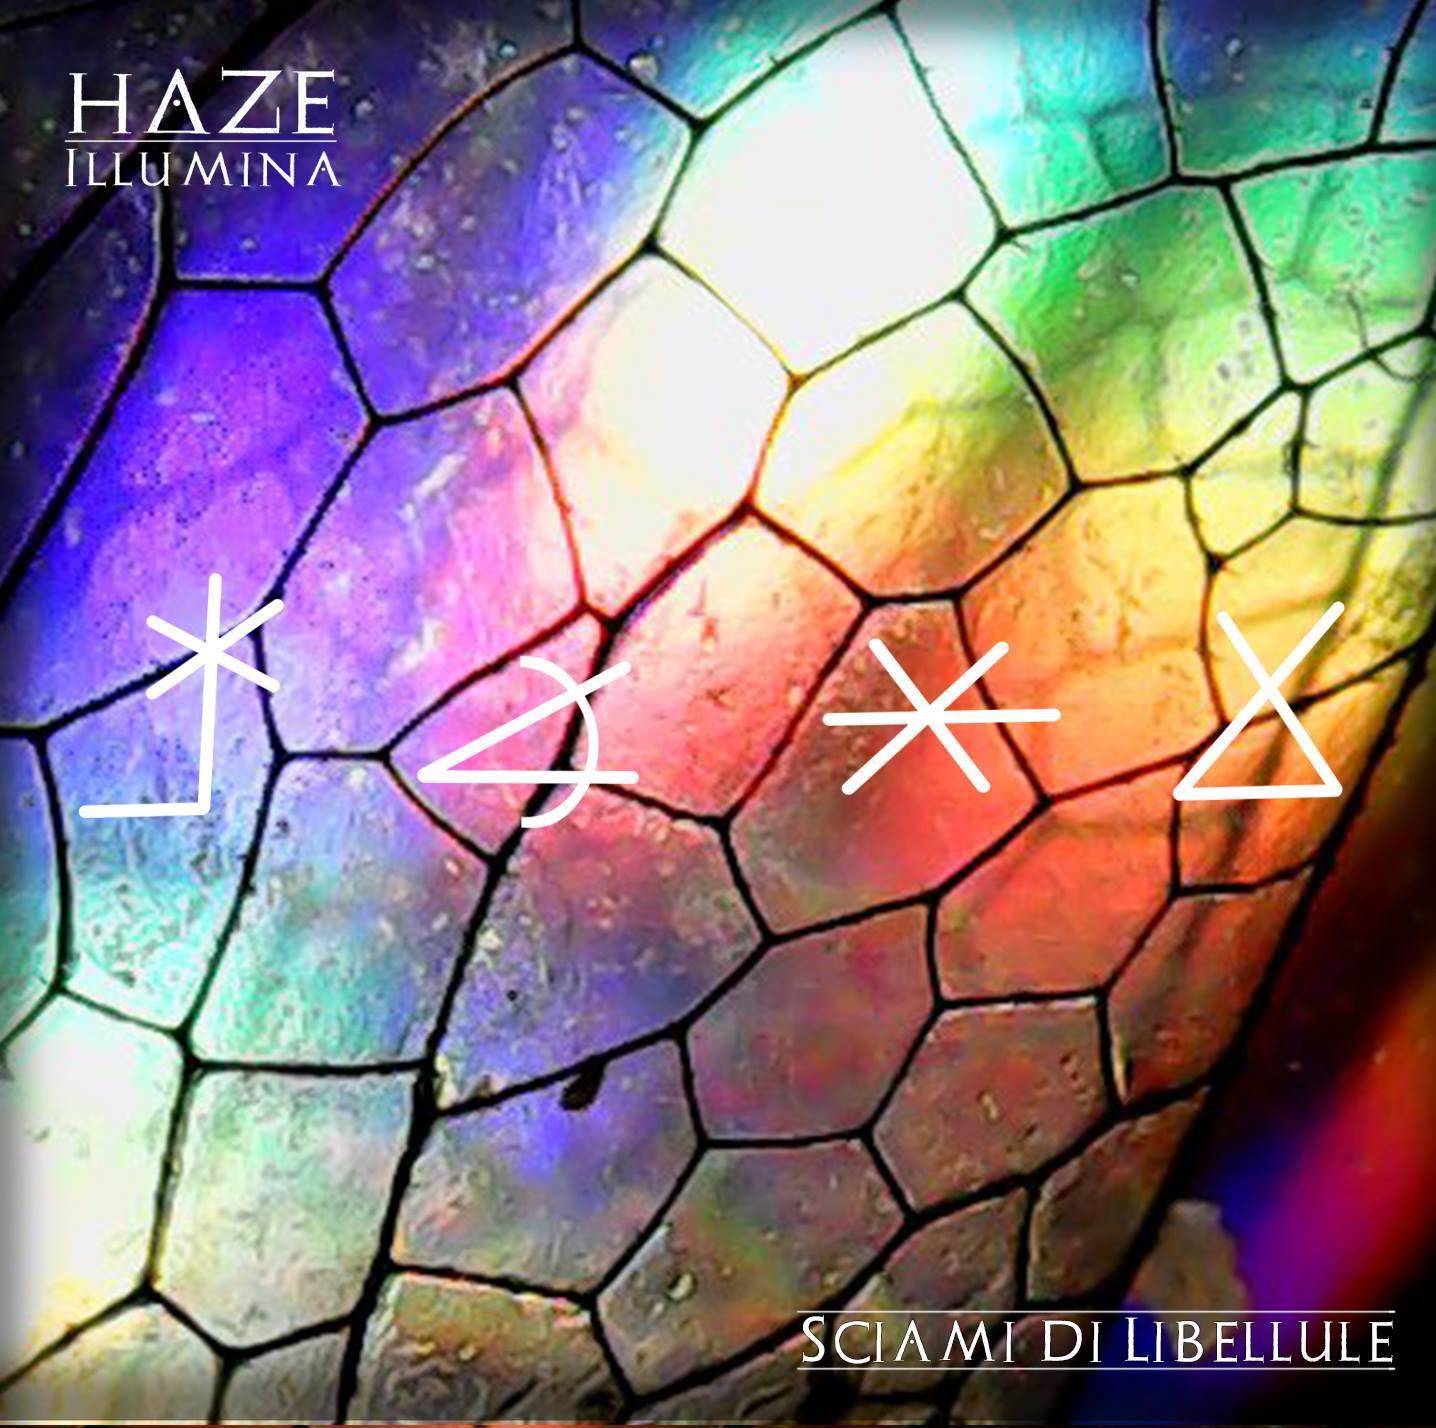 Sciami di libellule, nuovo album per gli Haze Illumina